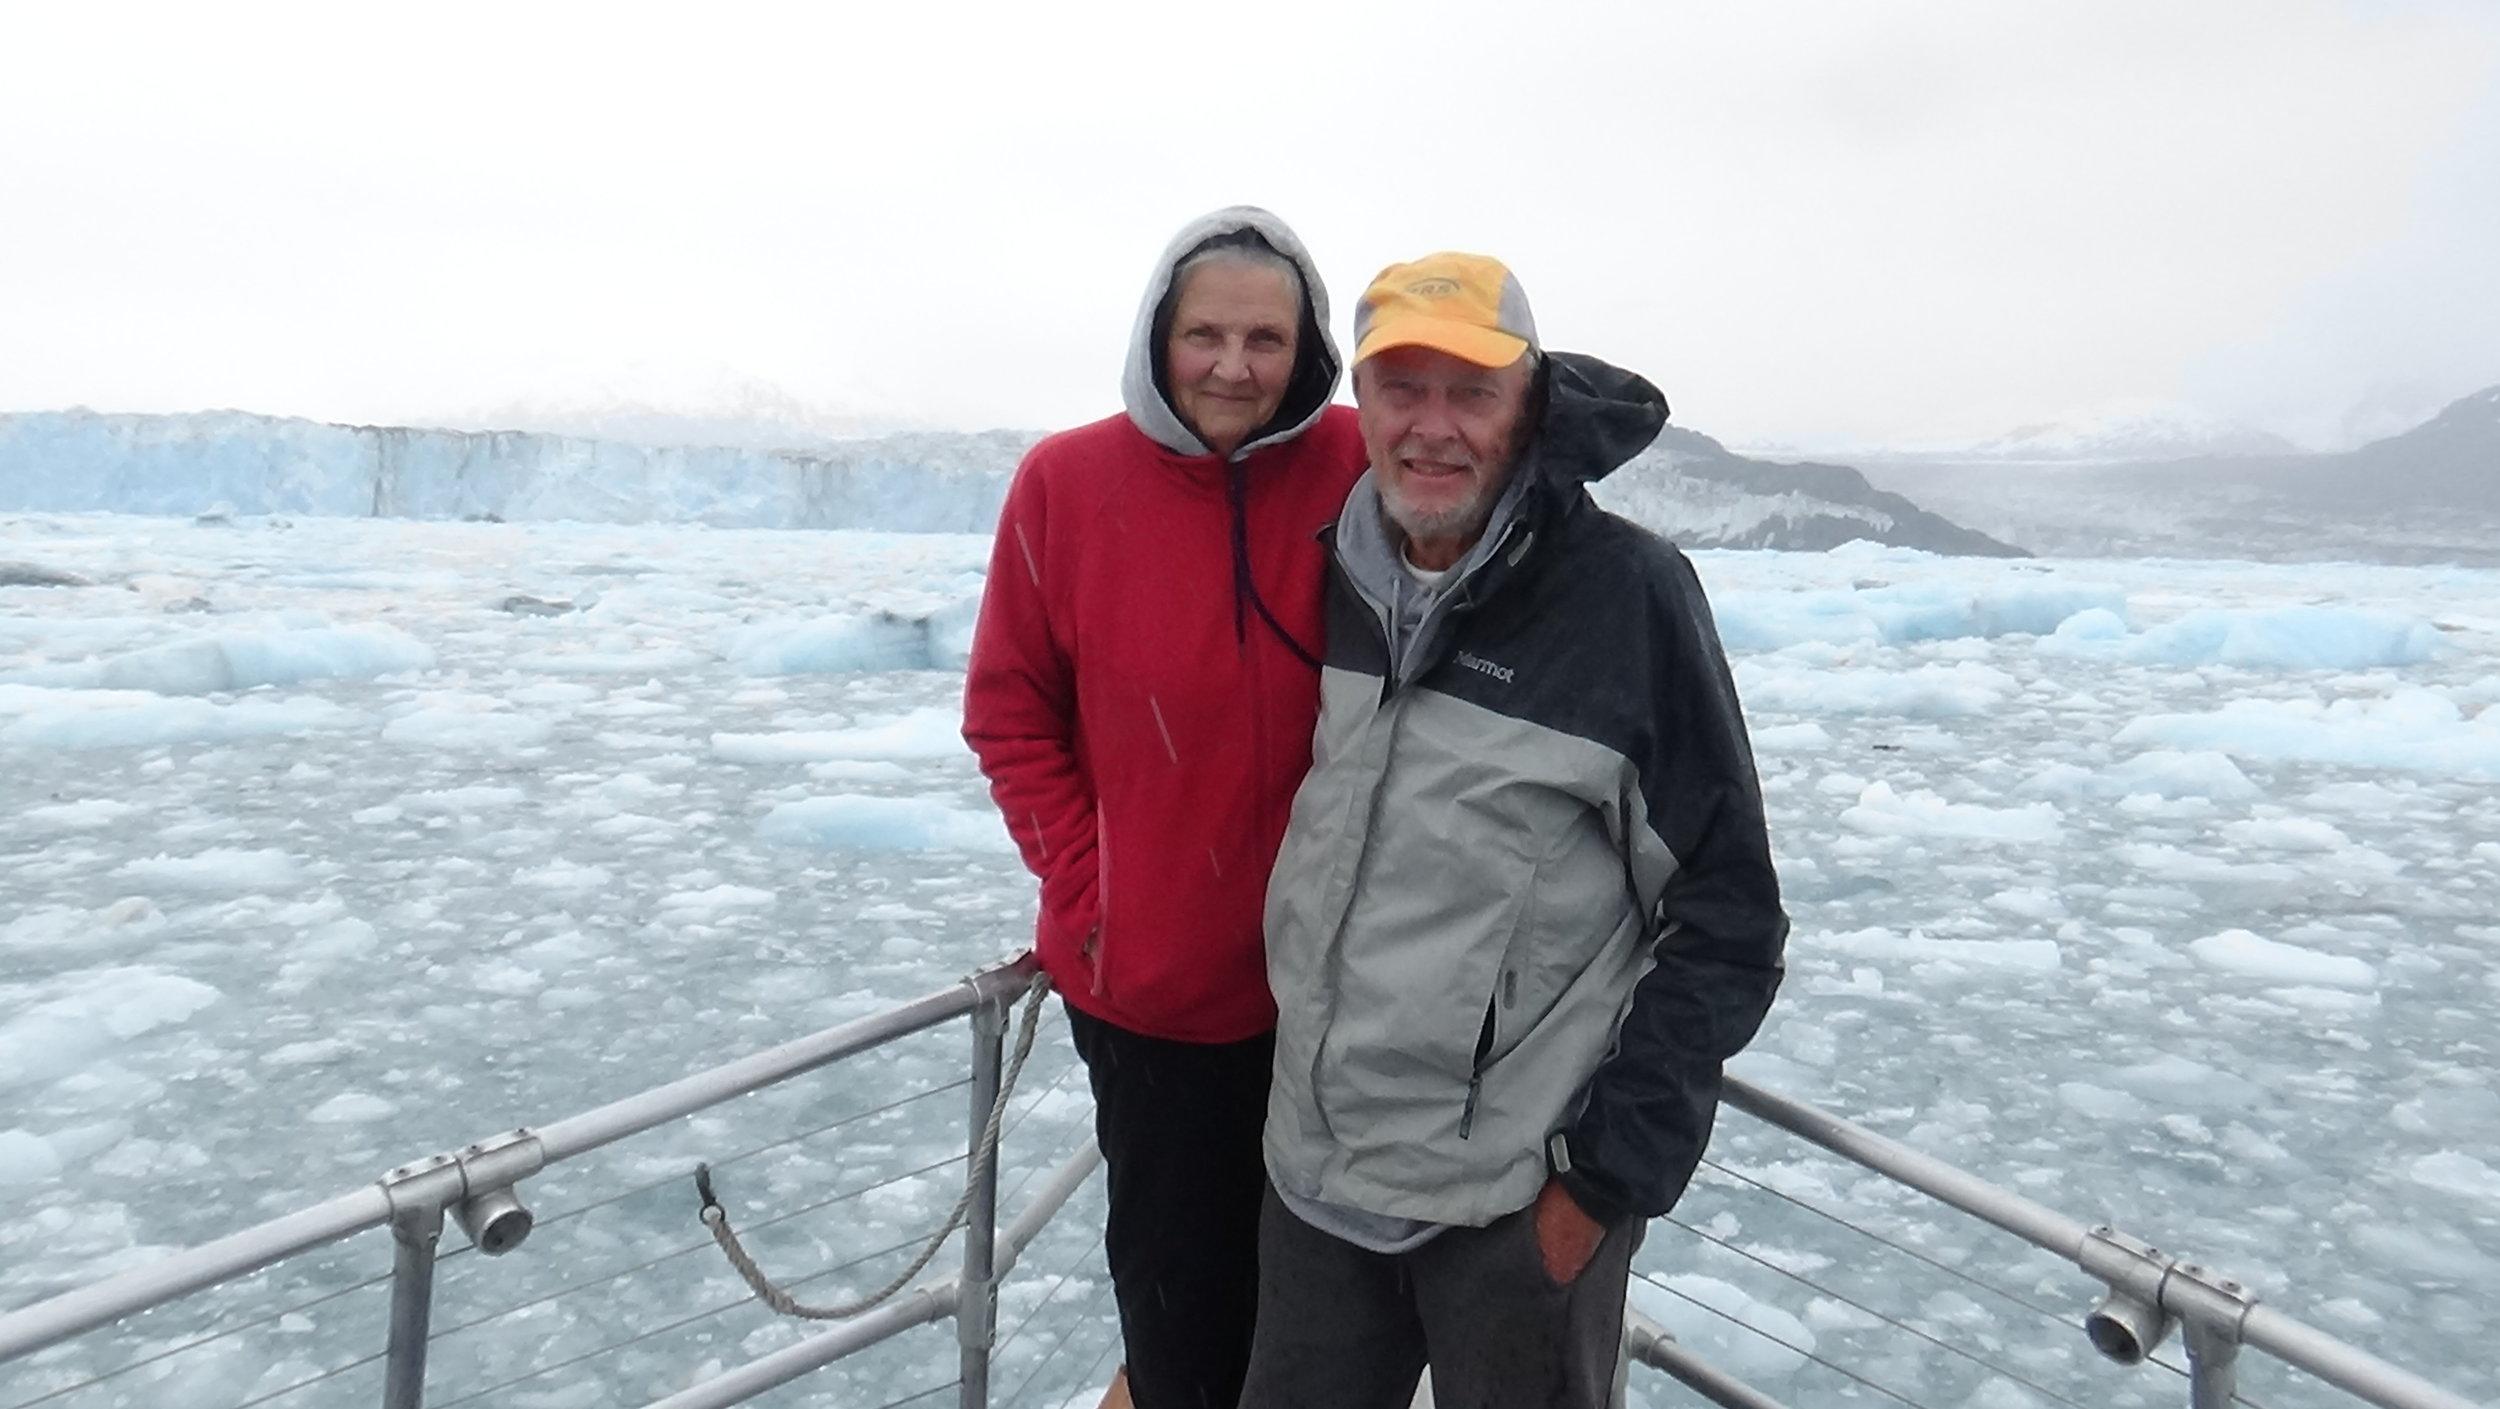 Randy & Doris in Alaska summer 2016